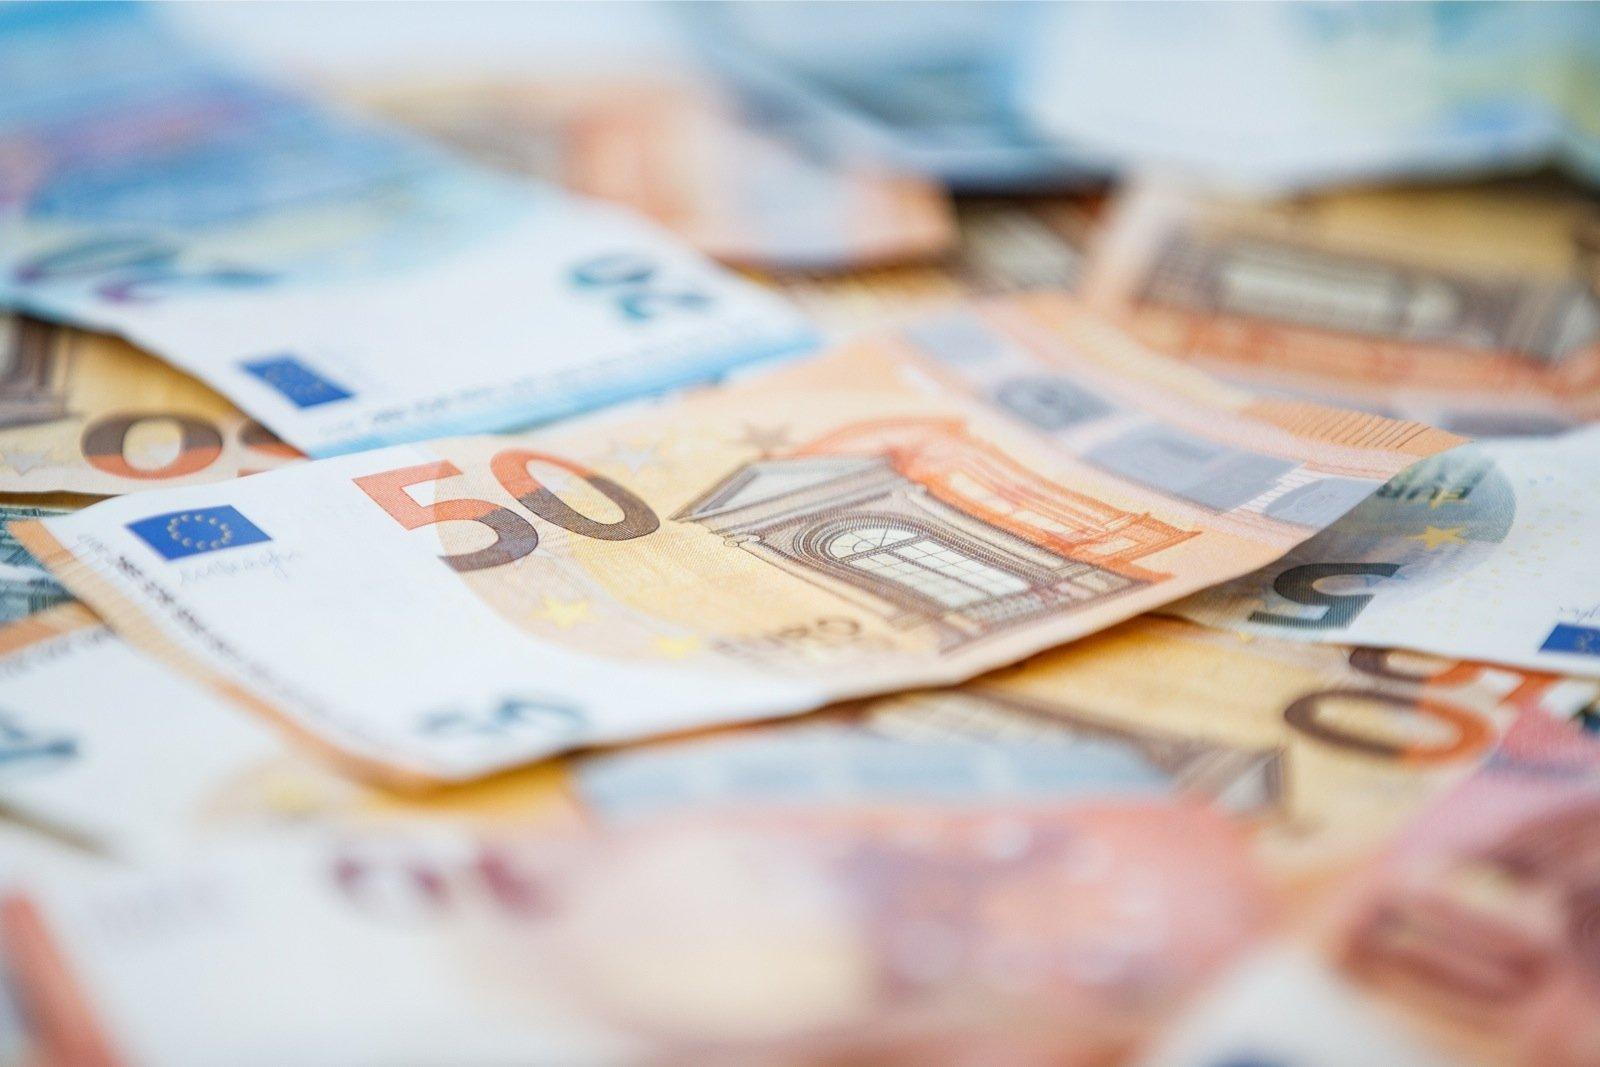 Tiit Elias töötas aastail 1998 – 2013 Rimis projektijuhina, saades oma ametiajal hankijatelt 530 868 eurot altkäemaksu. Eliase tööülesanneteks olid hanketingimu